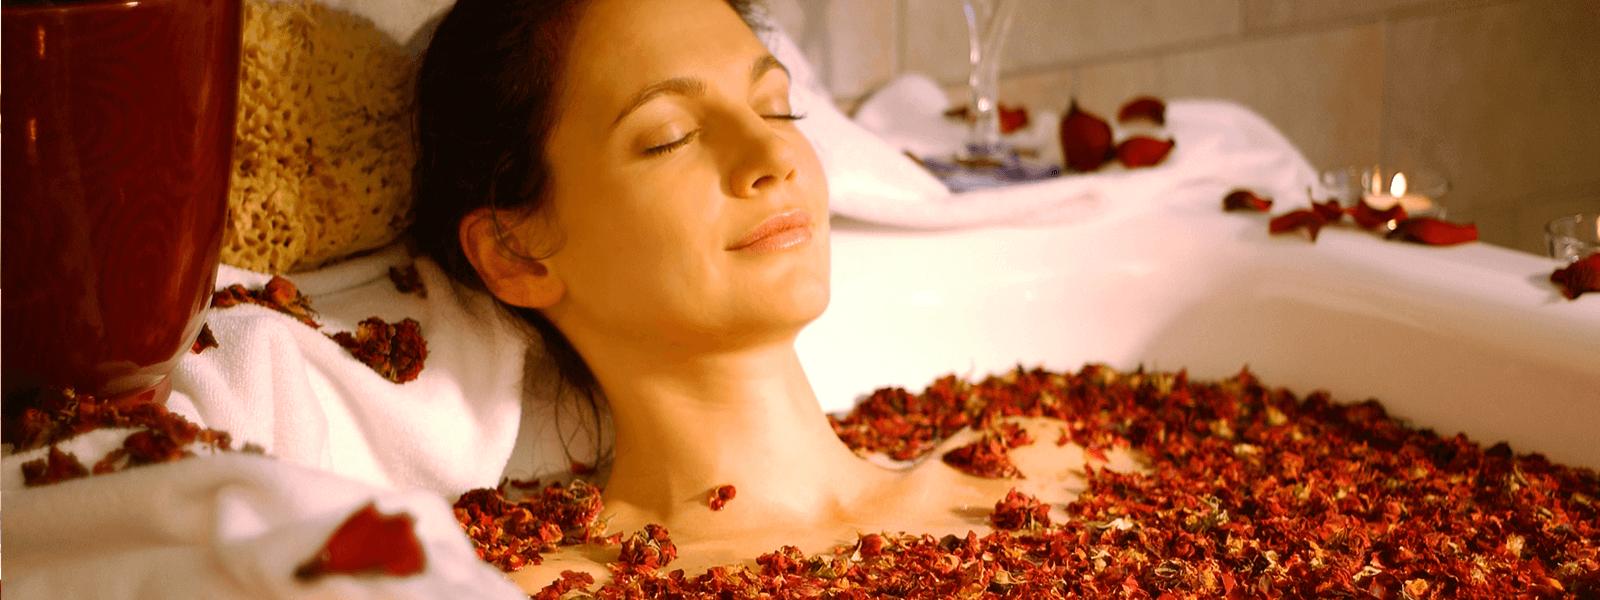 Hotel Regina Maris, Norden-Norddeich, Nordsee, Ostfriesland, Massage, Wellness Entspannungsbad